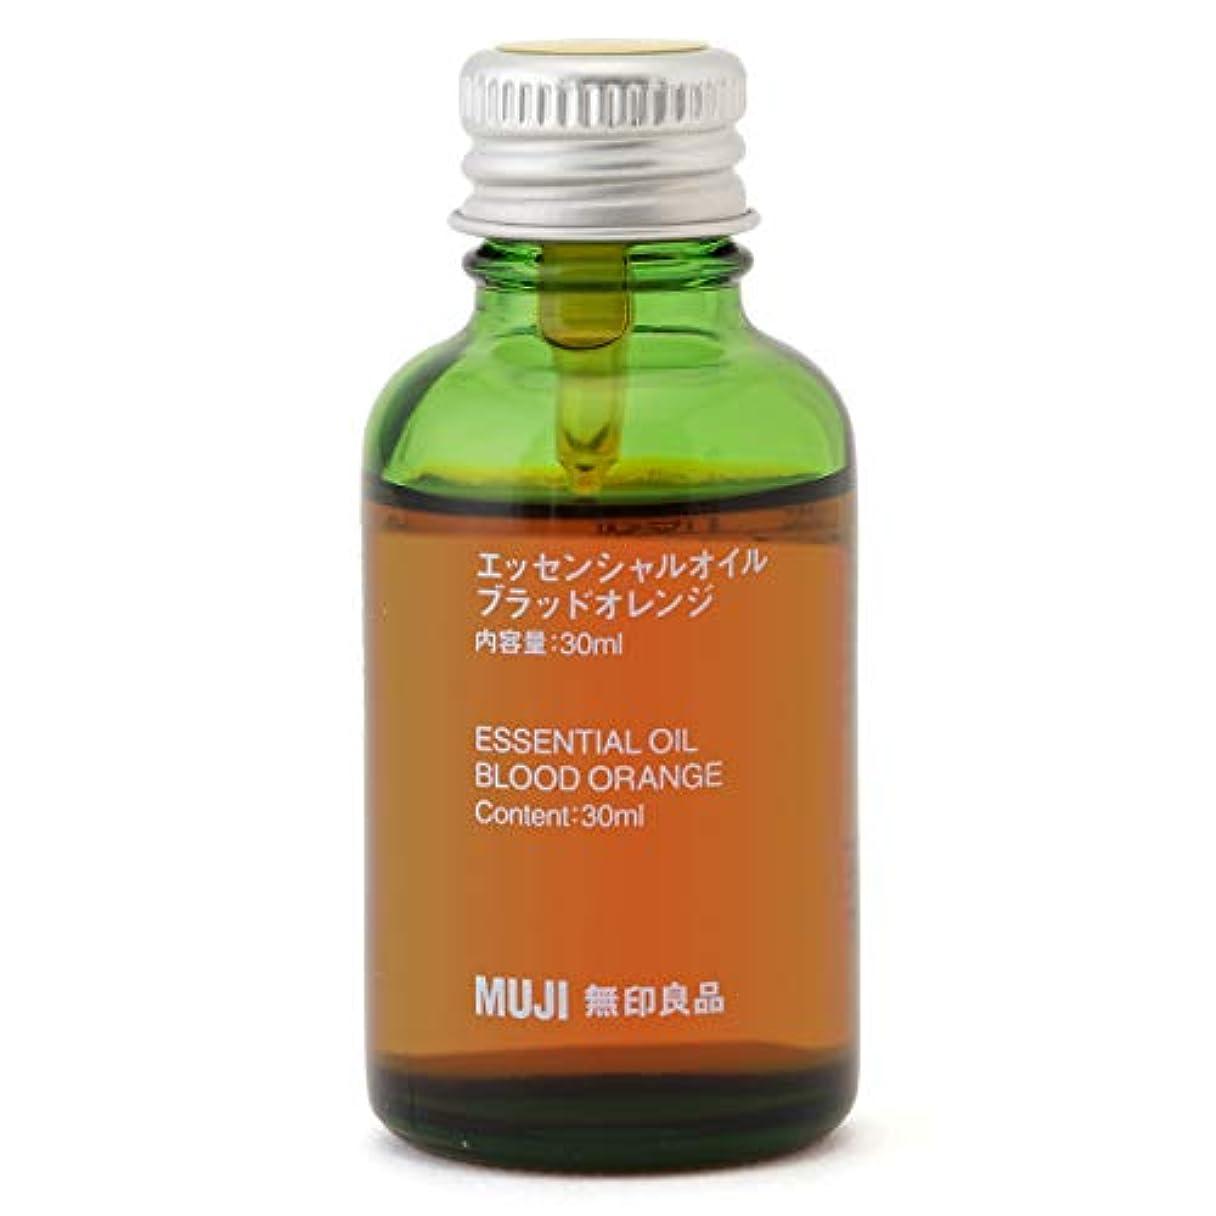 注文手荷物安心【無印良品】エッセンシャルオイル30ml(ブラッドオレンジ)